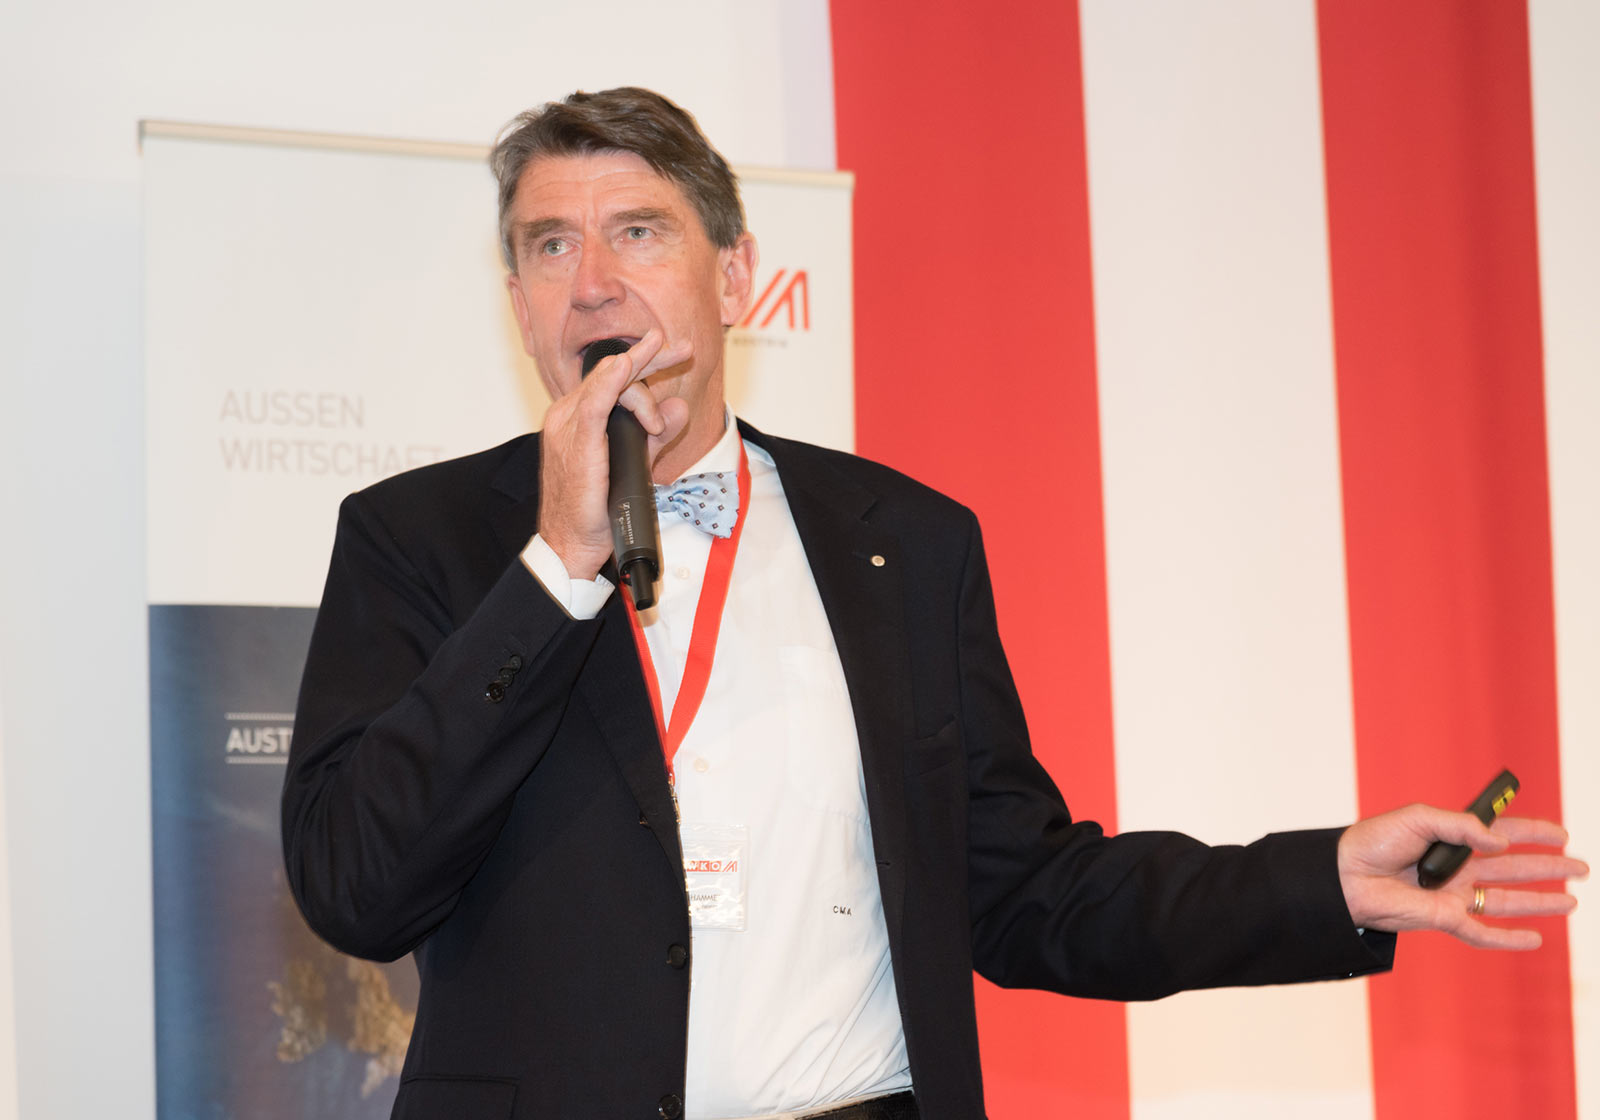 """ATP-CEO Christoph M. Achammer ging in seiner Key Note auf die unterschiedlichen Begriffsdefinitionen von """"Smartness"""" ein. Foto: ATP"""